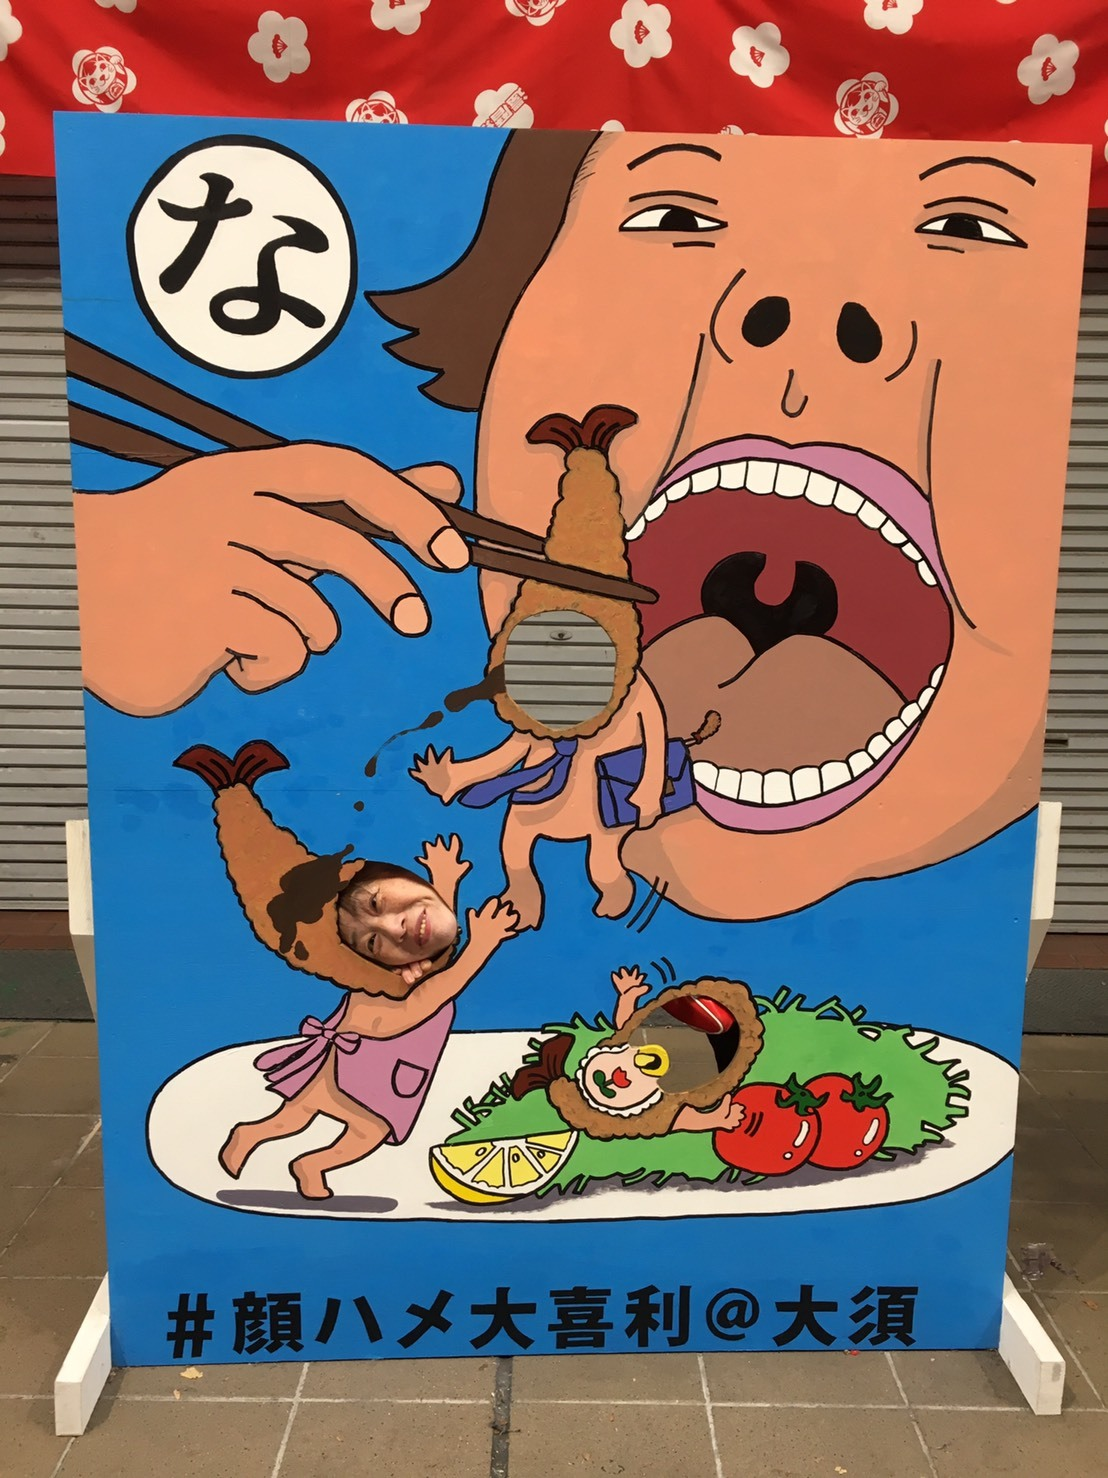 20190907_VALKYRIE(ヴァルキューレ)名古屋(しゅうちゃん散歩中)